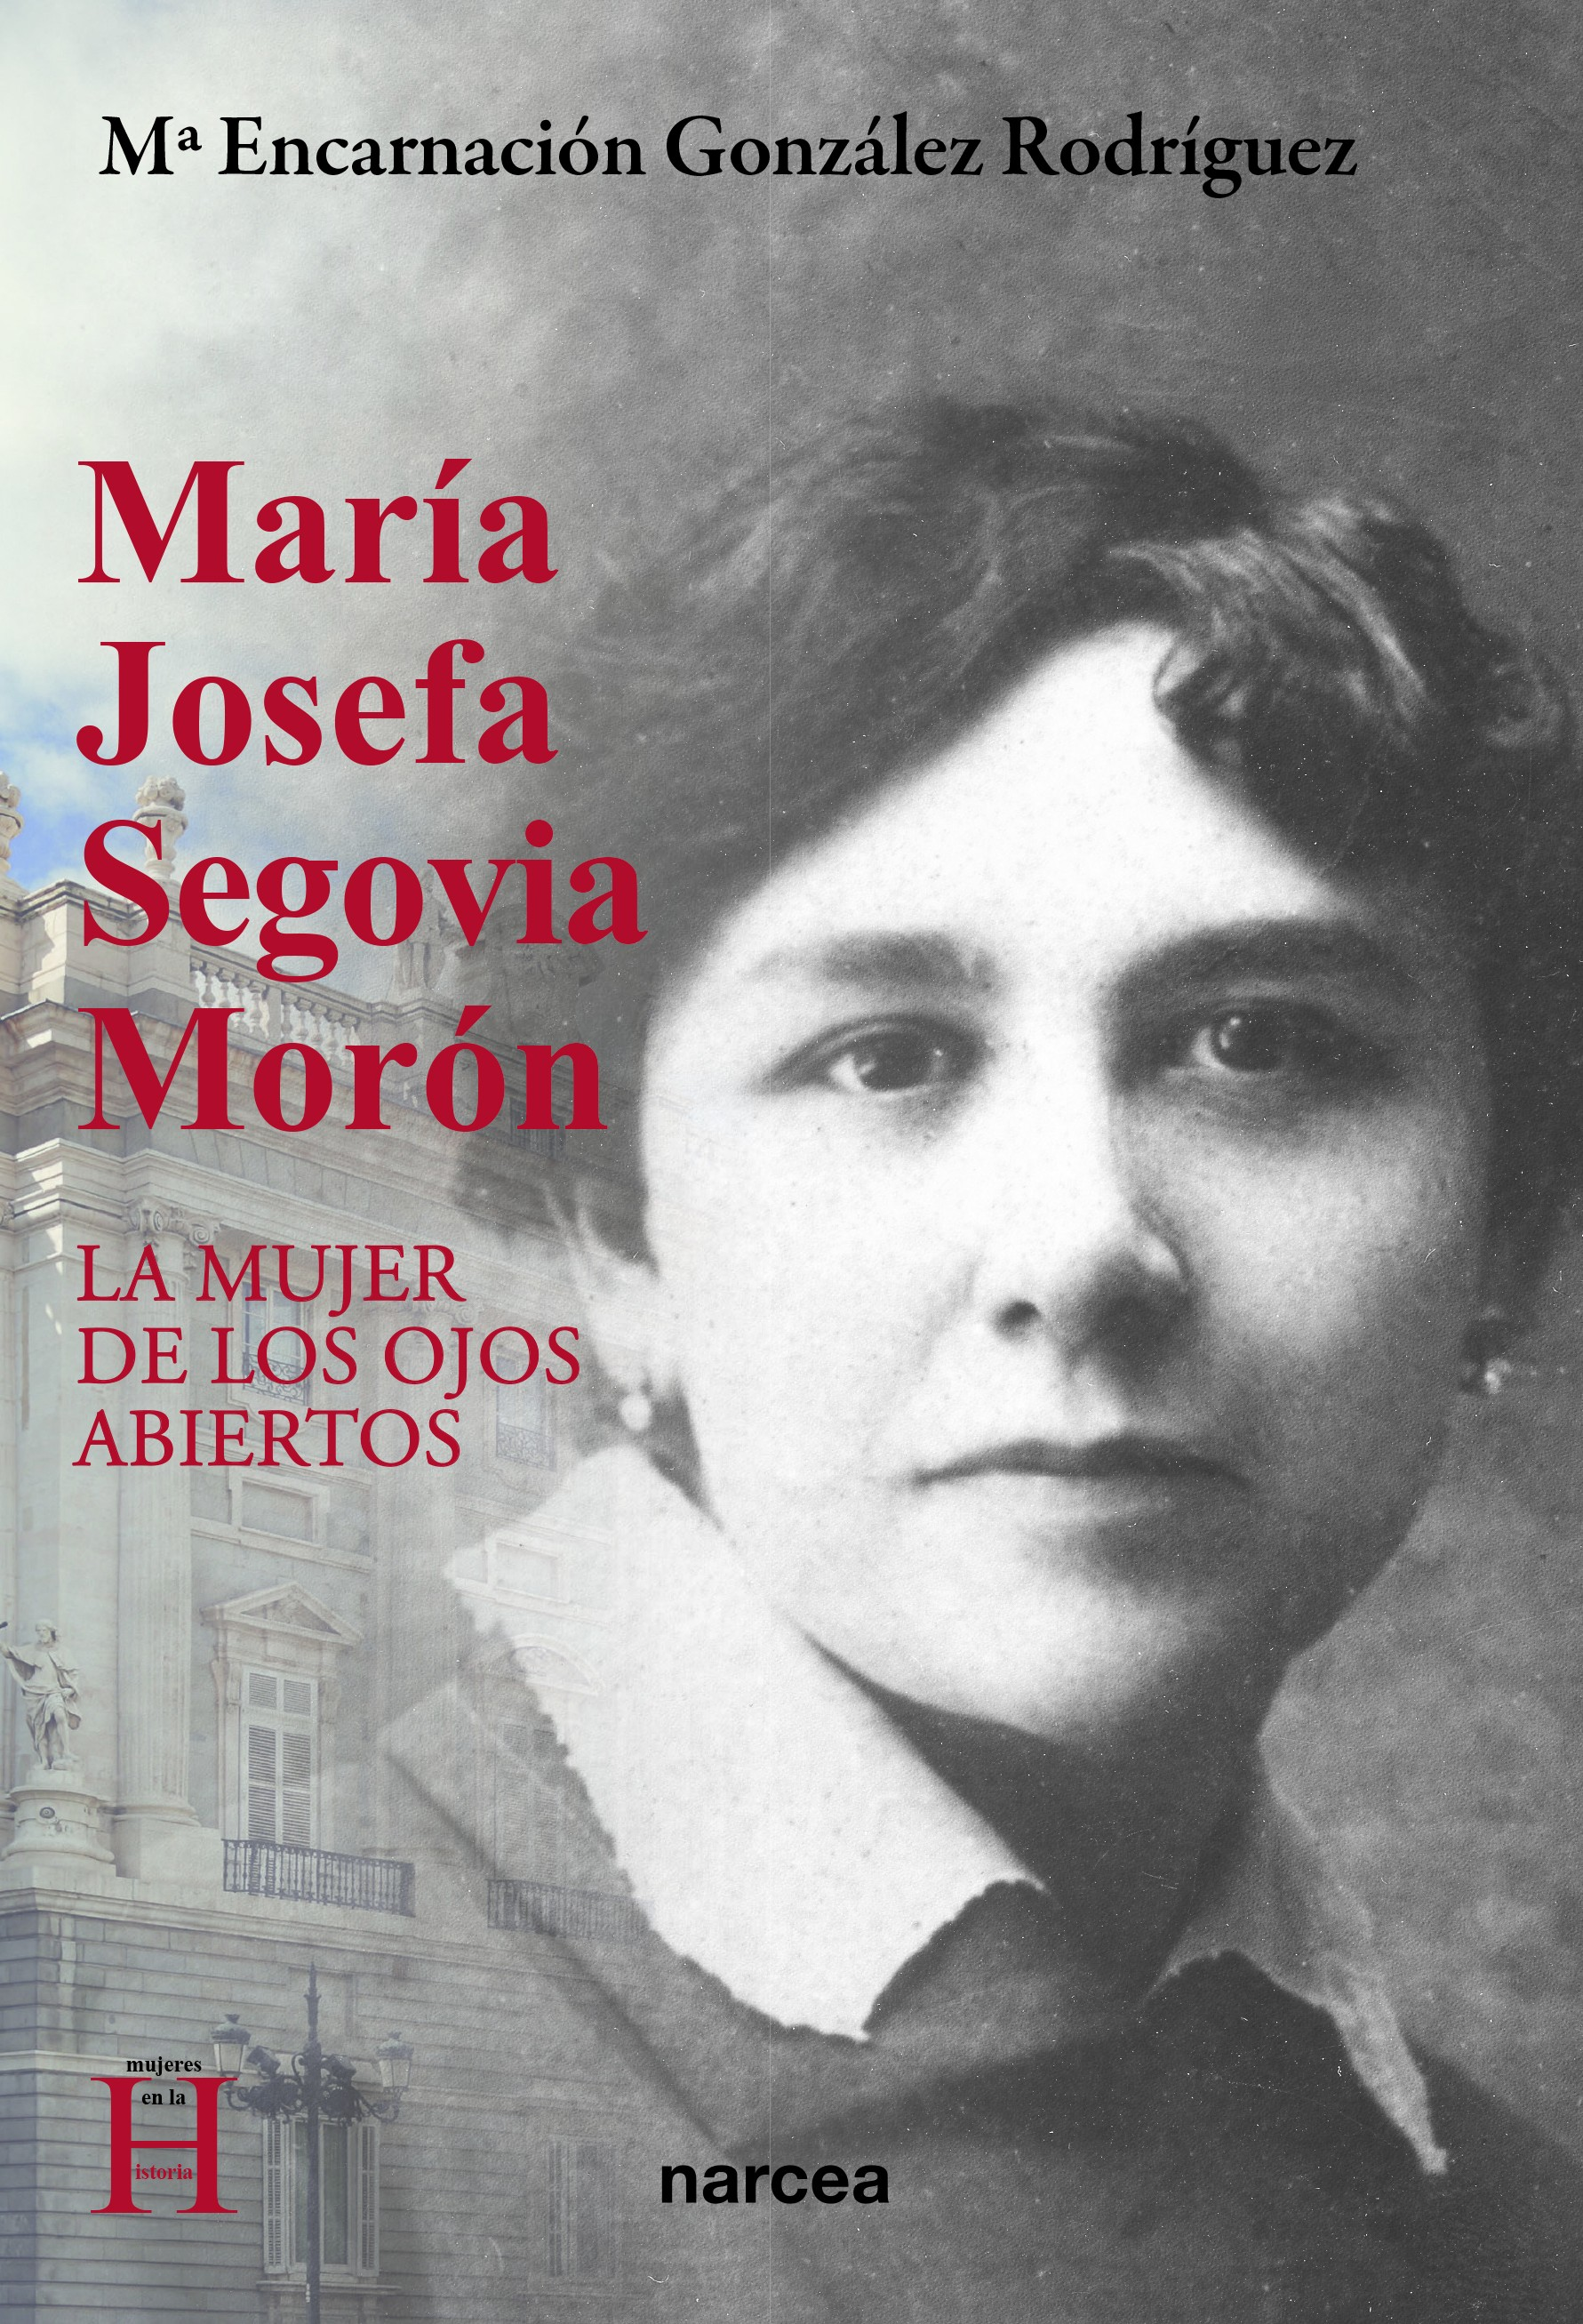 María Josefa Segovia Morón